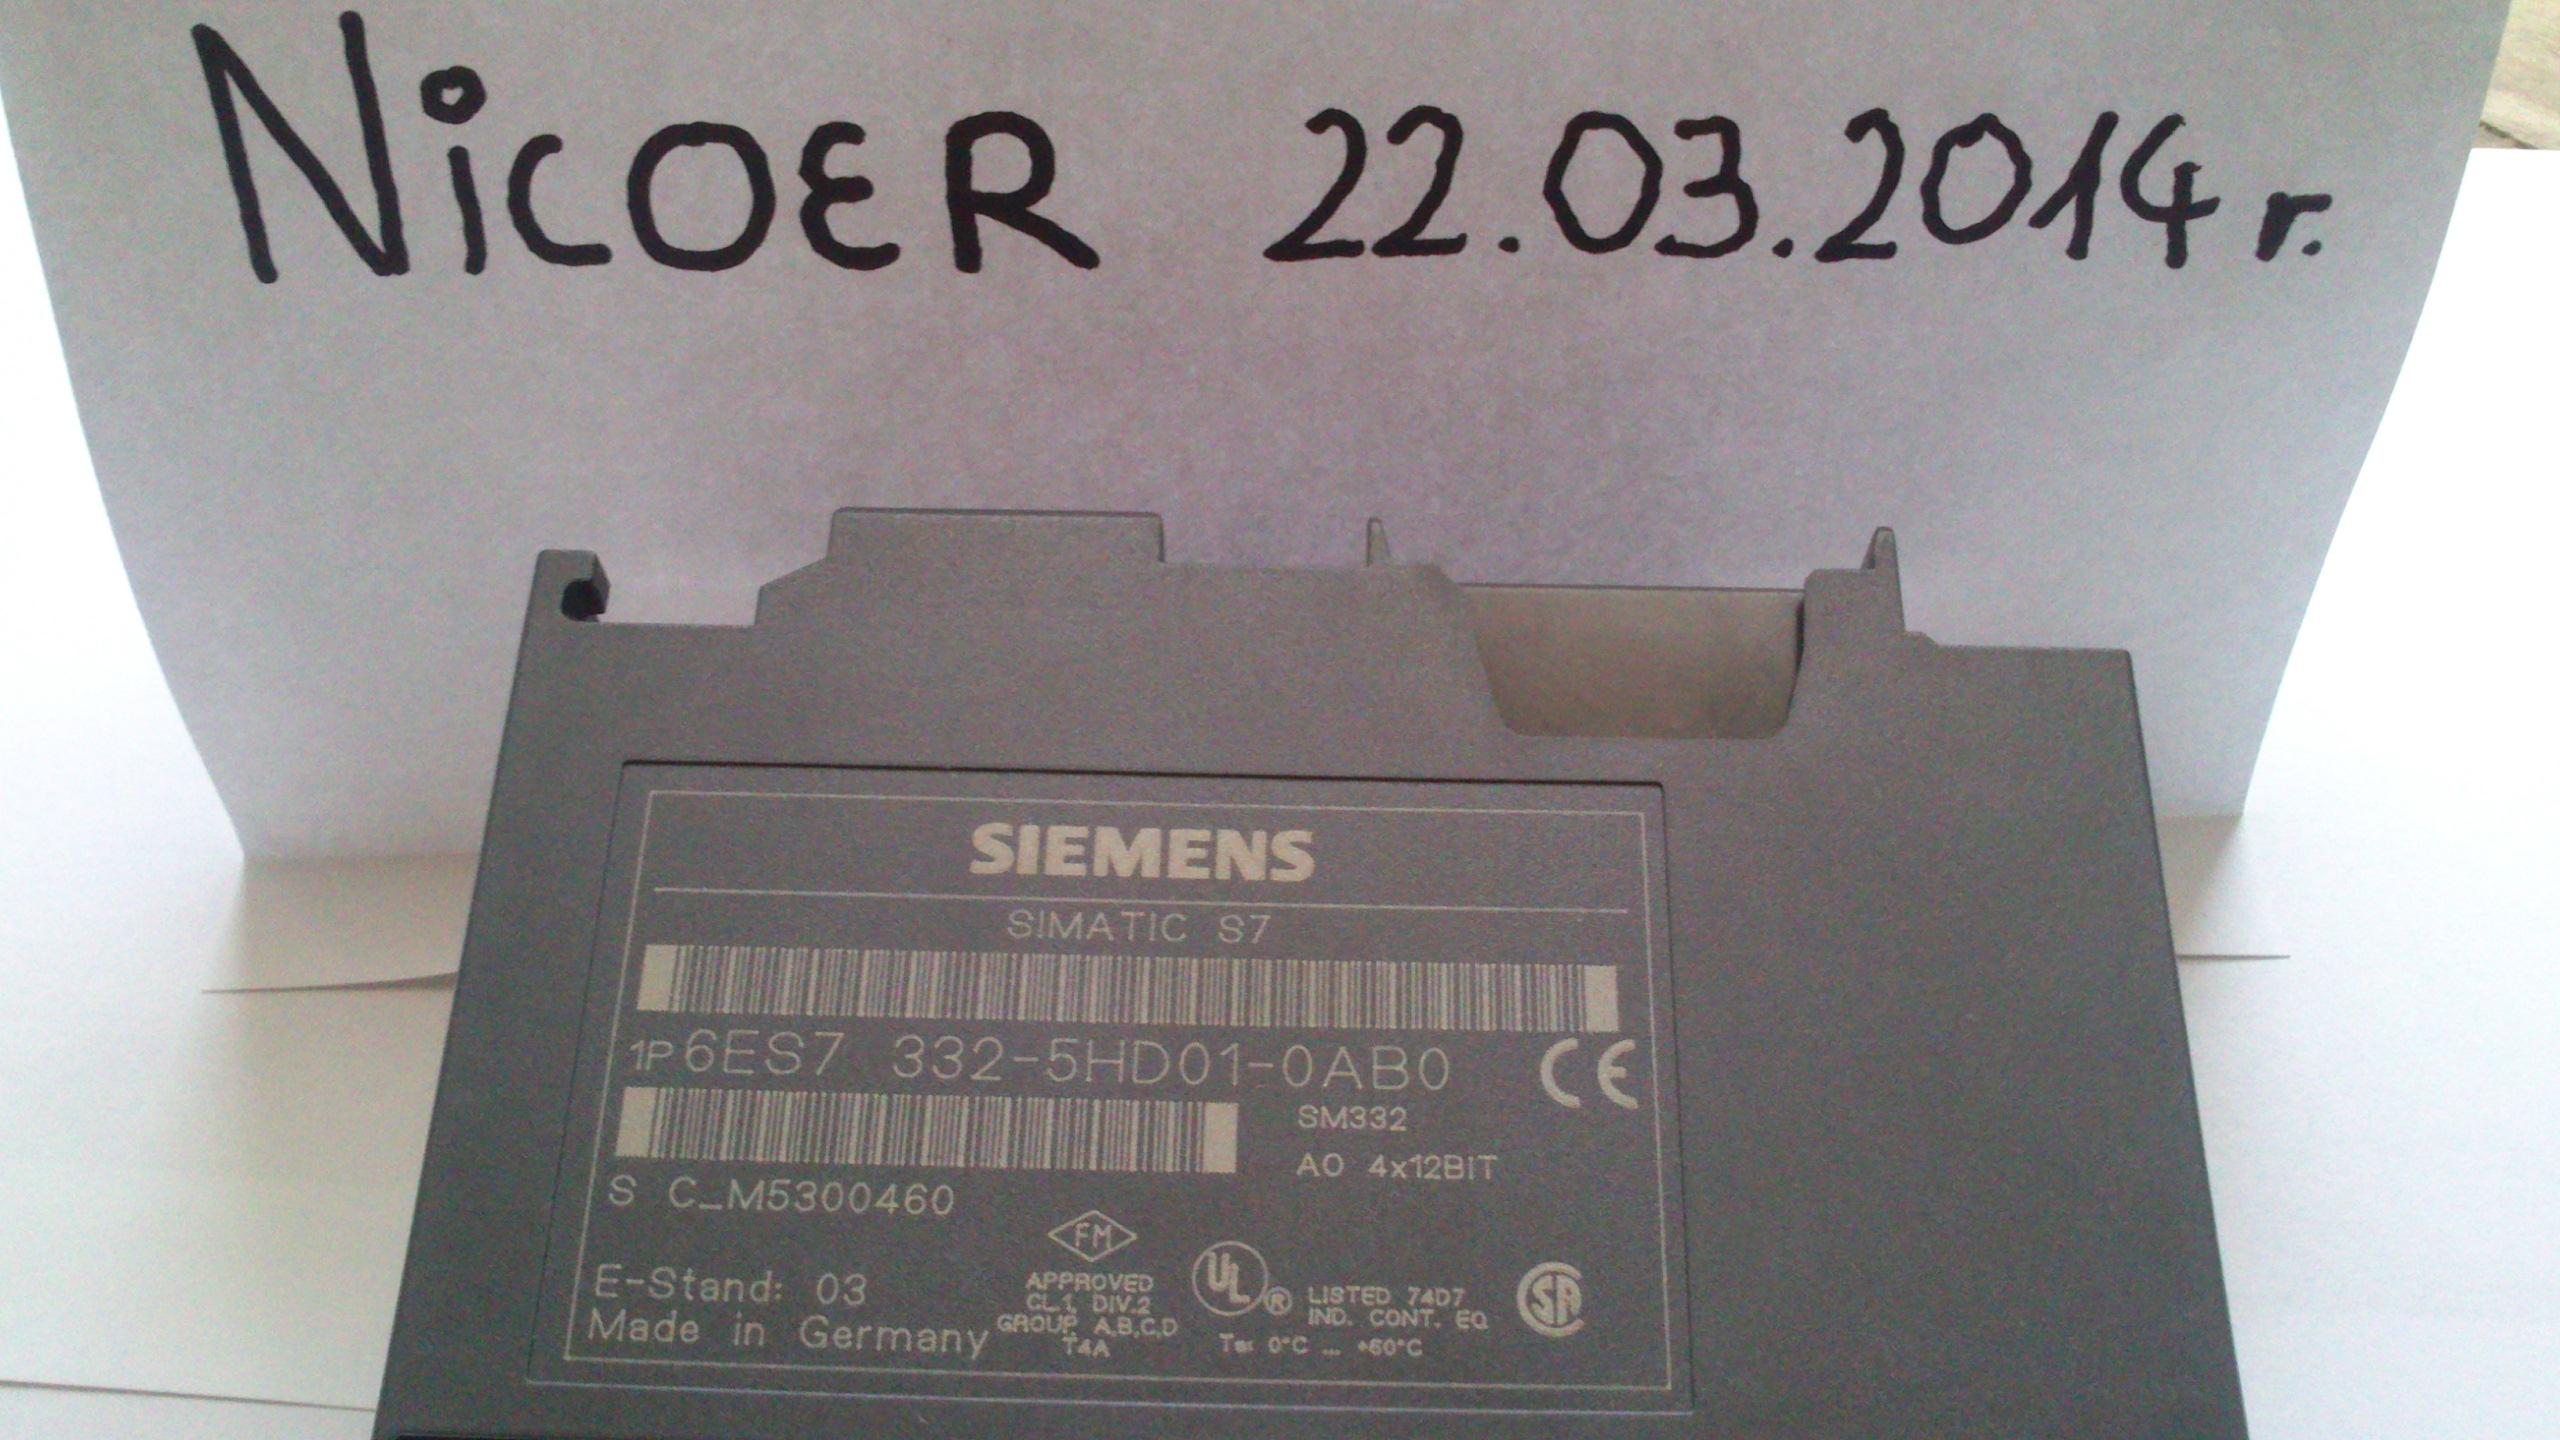 [Sprzedam] Siemens Simatic s7 Sterowniki PLC